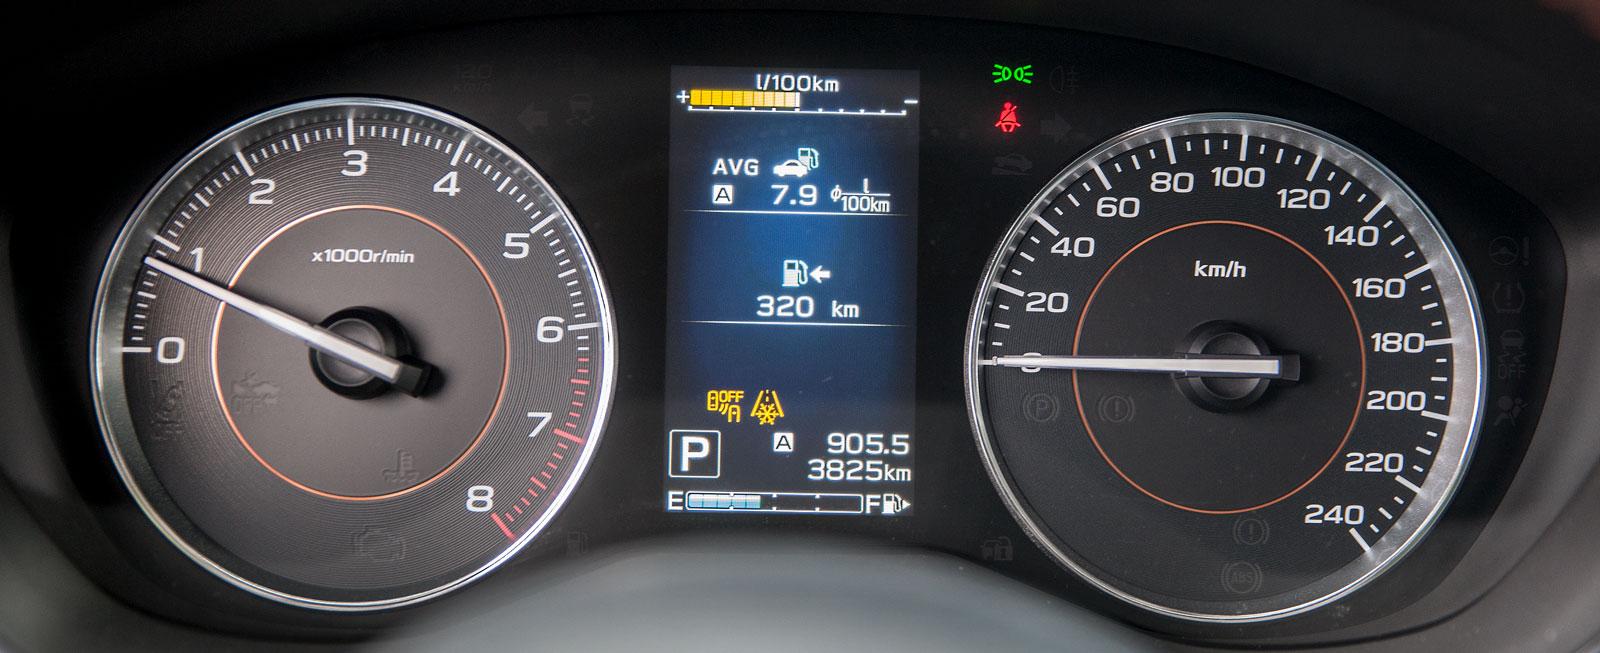 Subarus instrumenthus är mer färgglatt än Dacias och färddatorn mellan rundlarna har mer information att ge.